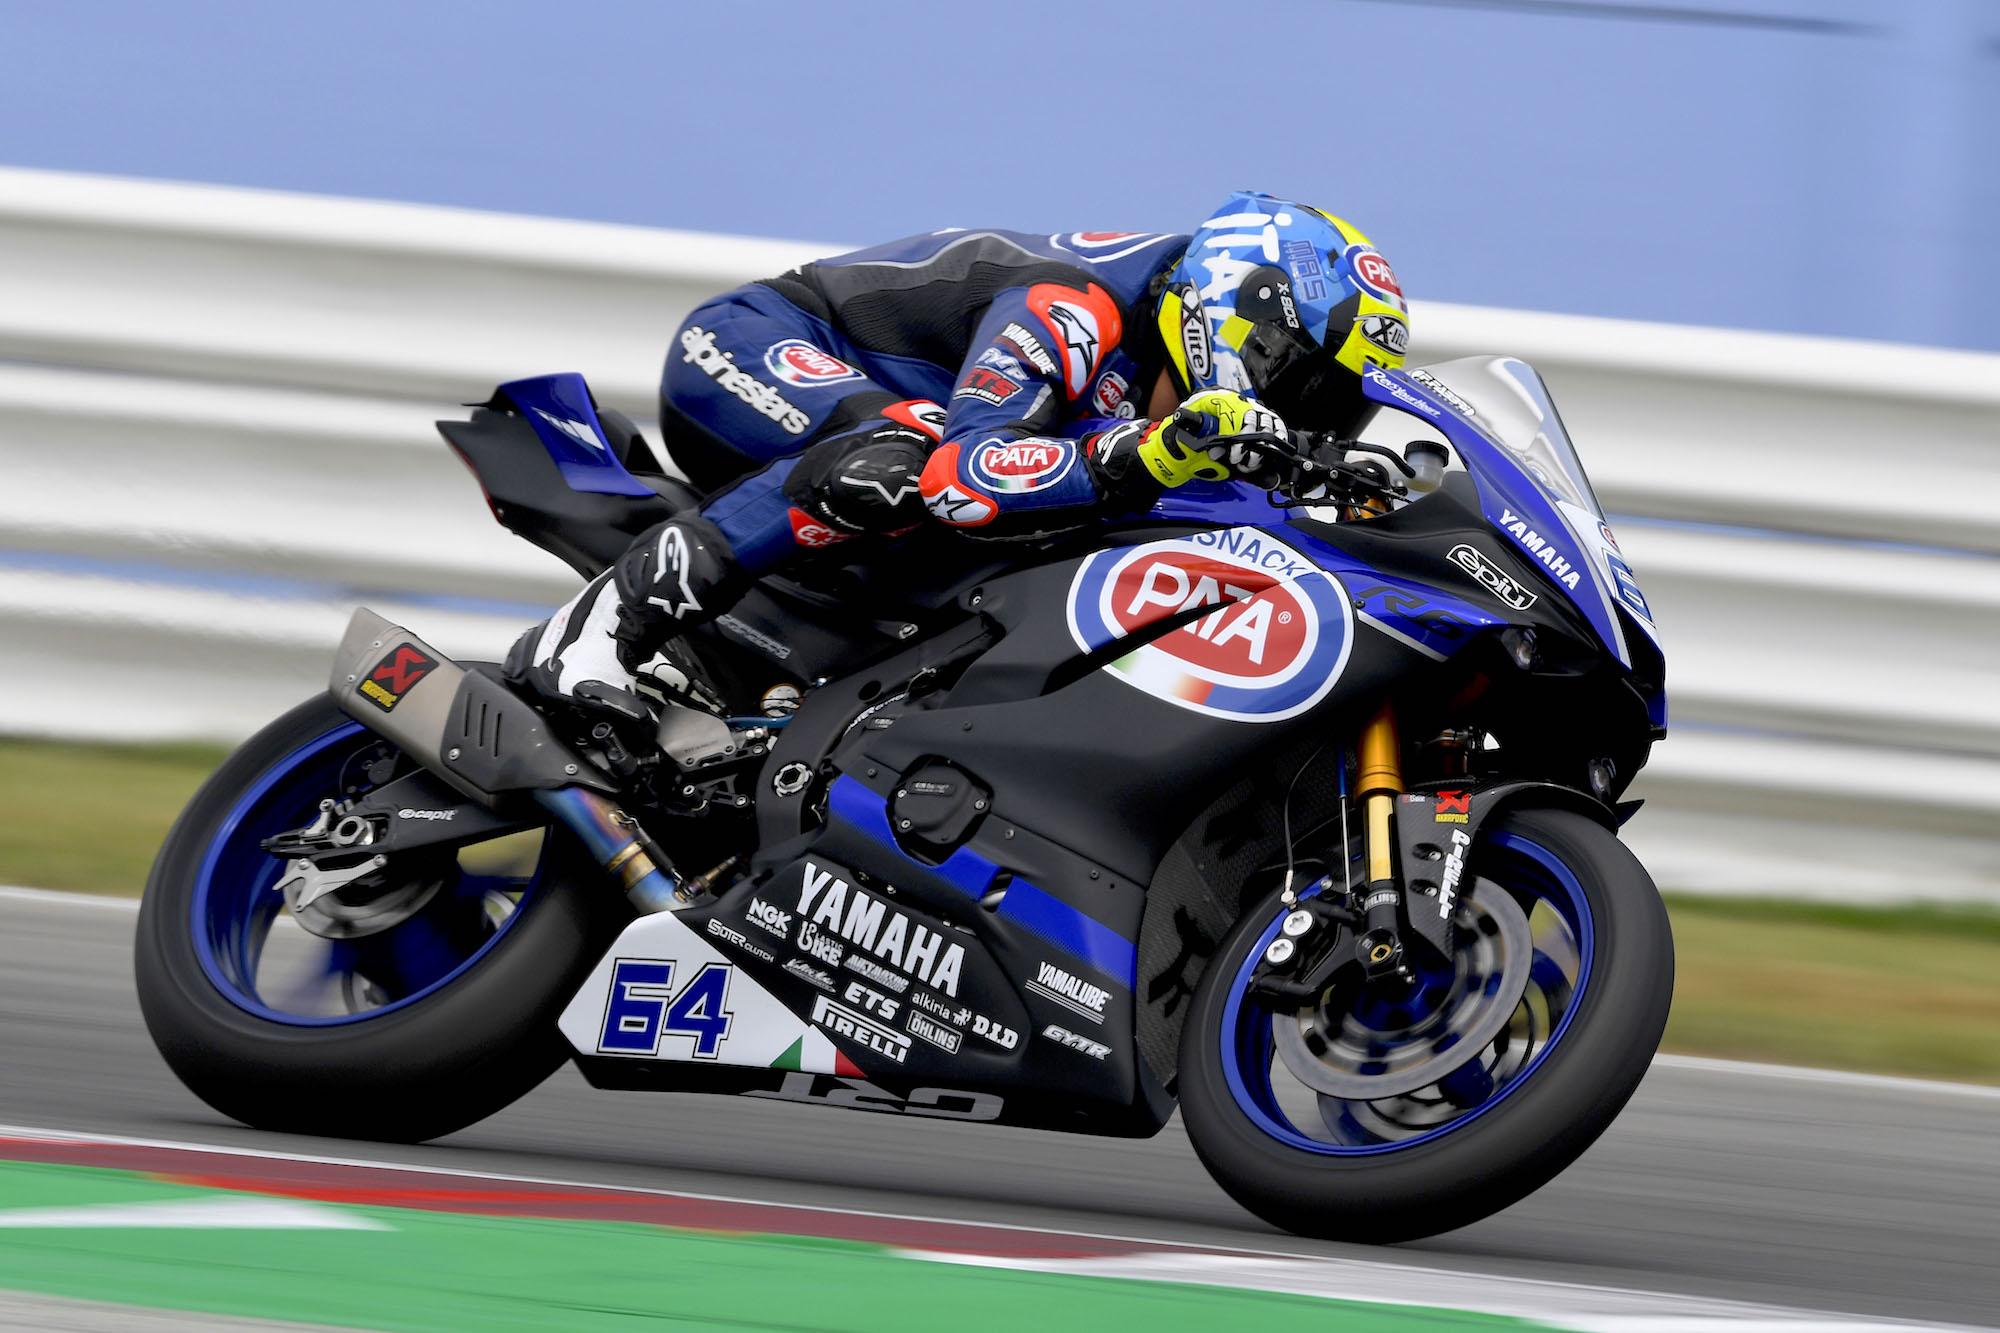 Dominio absoluto de Federico Caricasulo en la carrera de Supersport en Misano